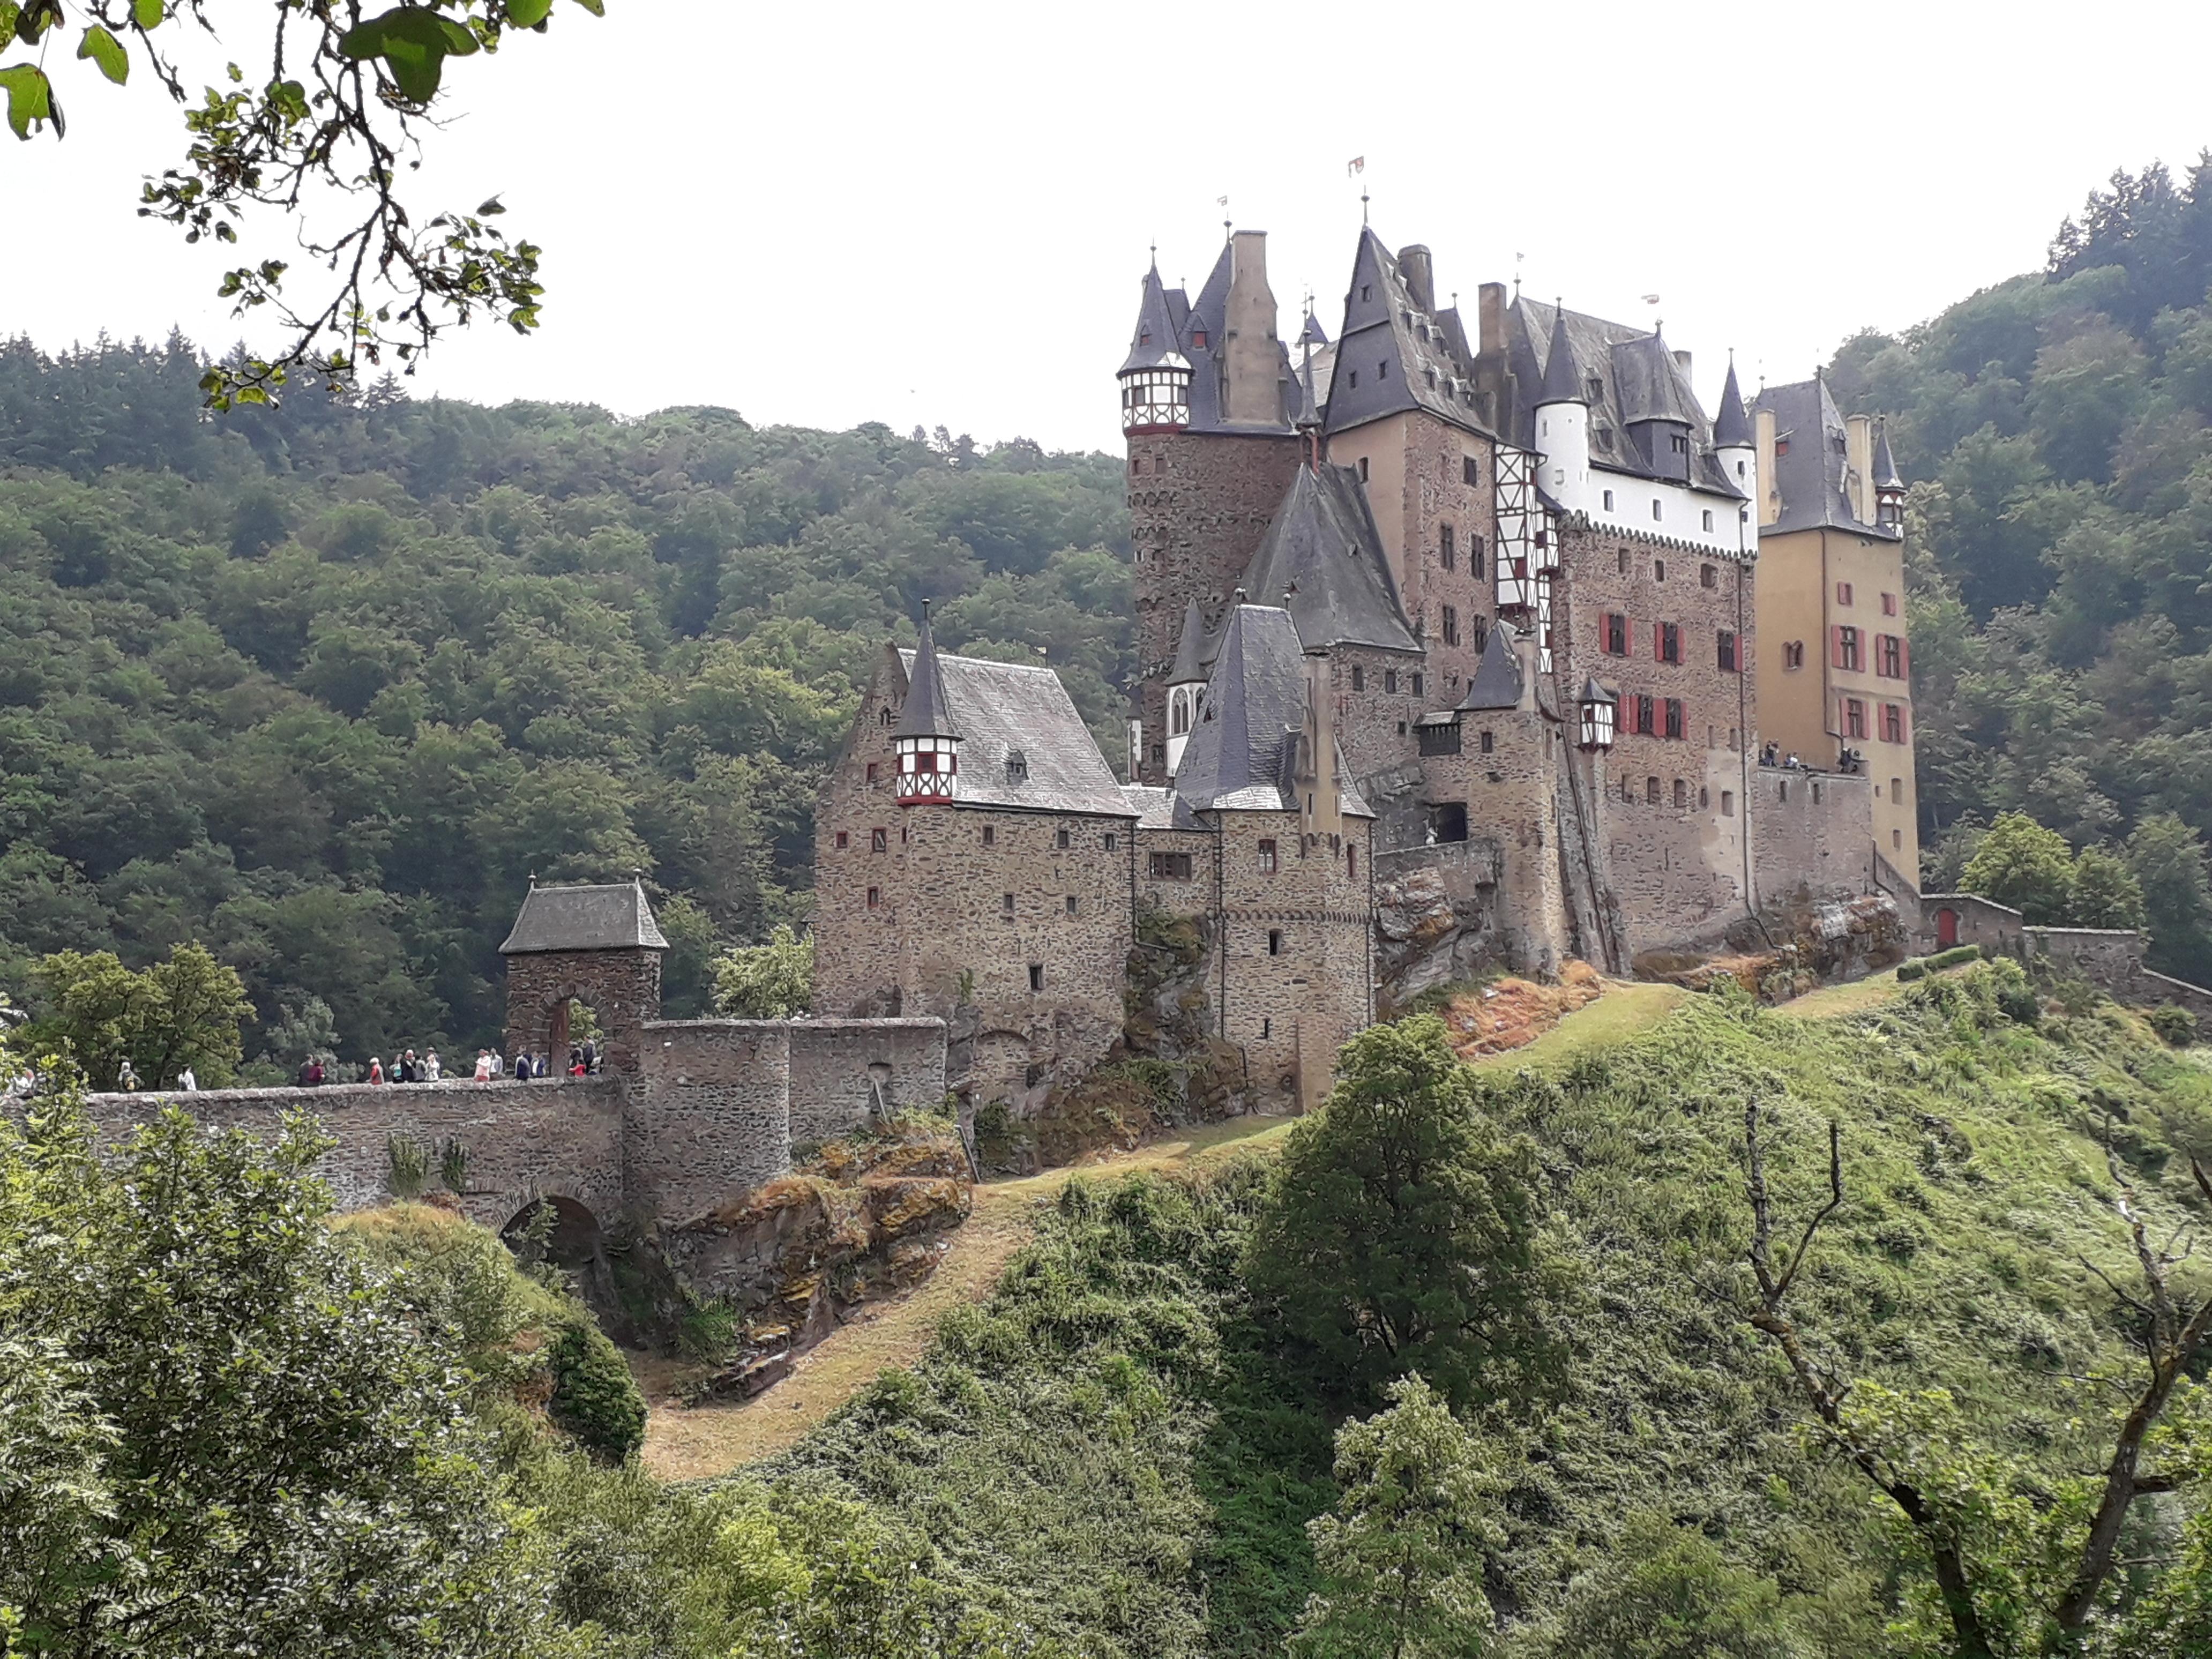 Recherche auf Burg Eltz